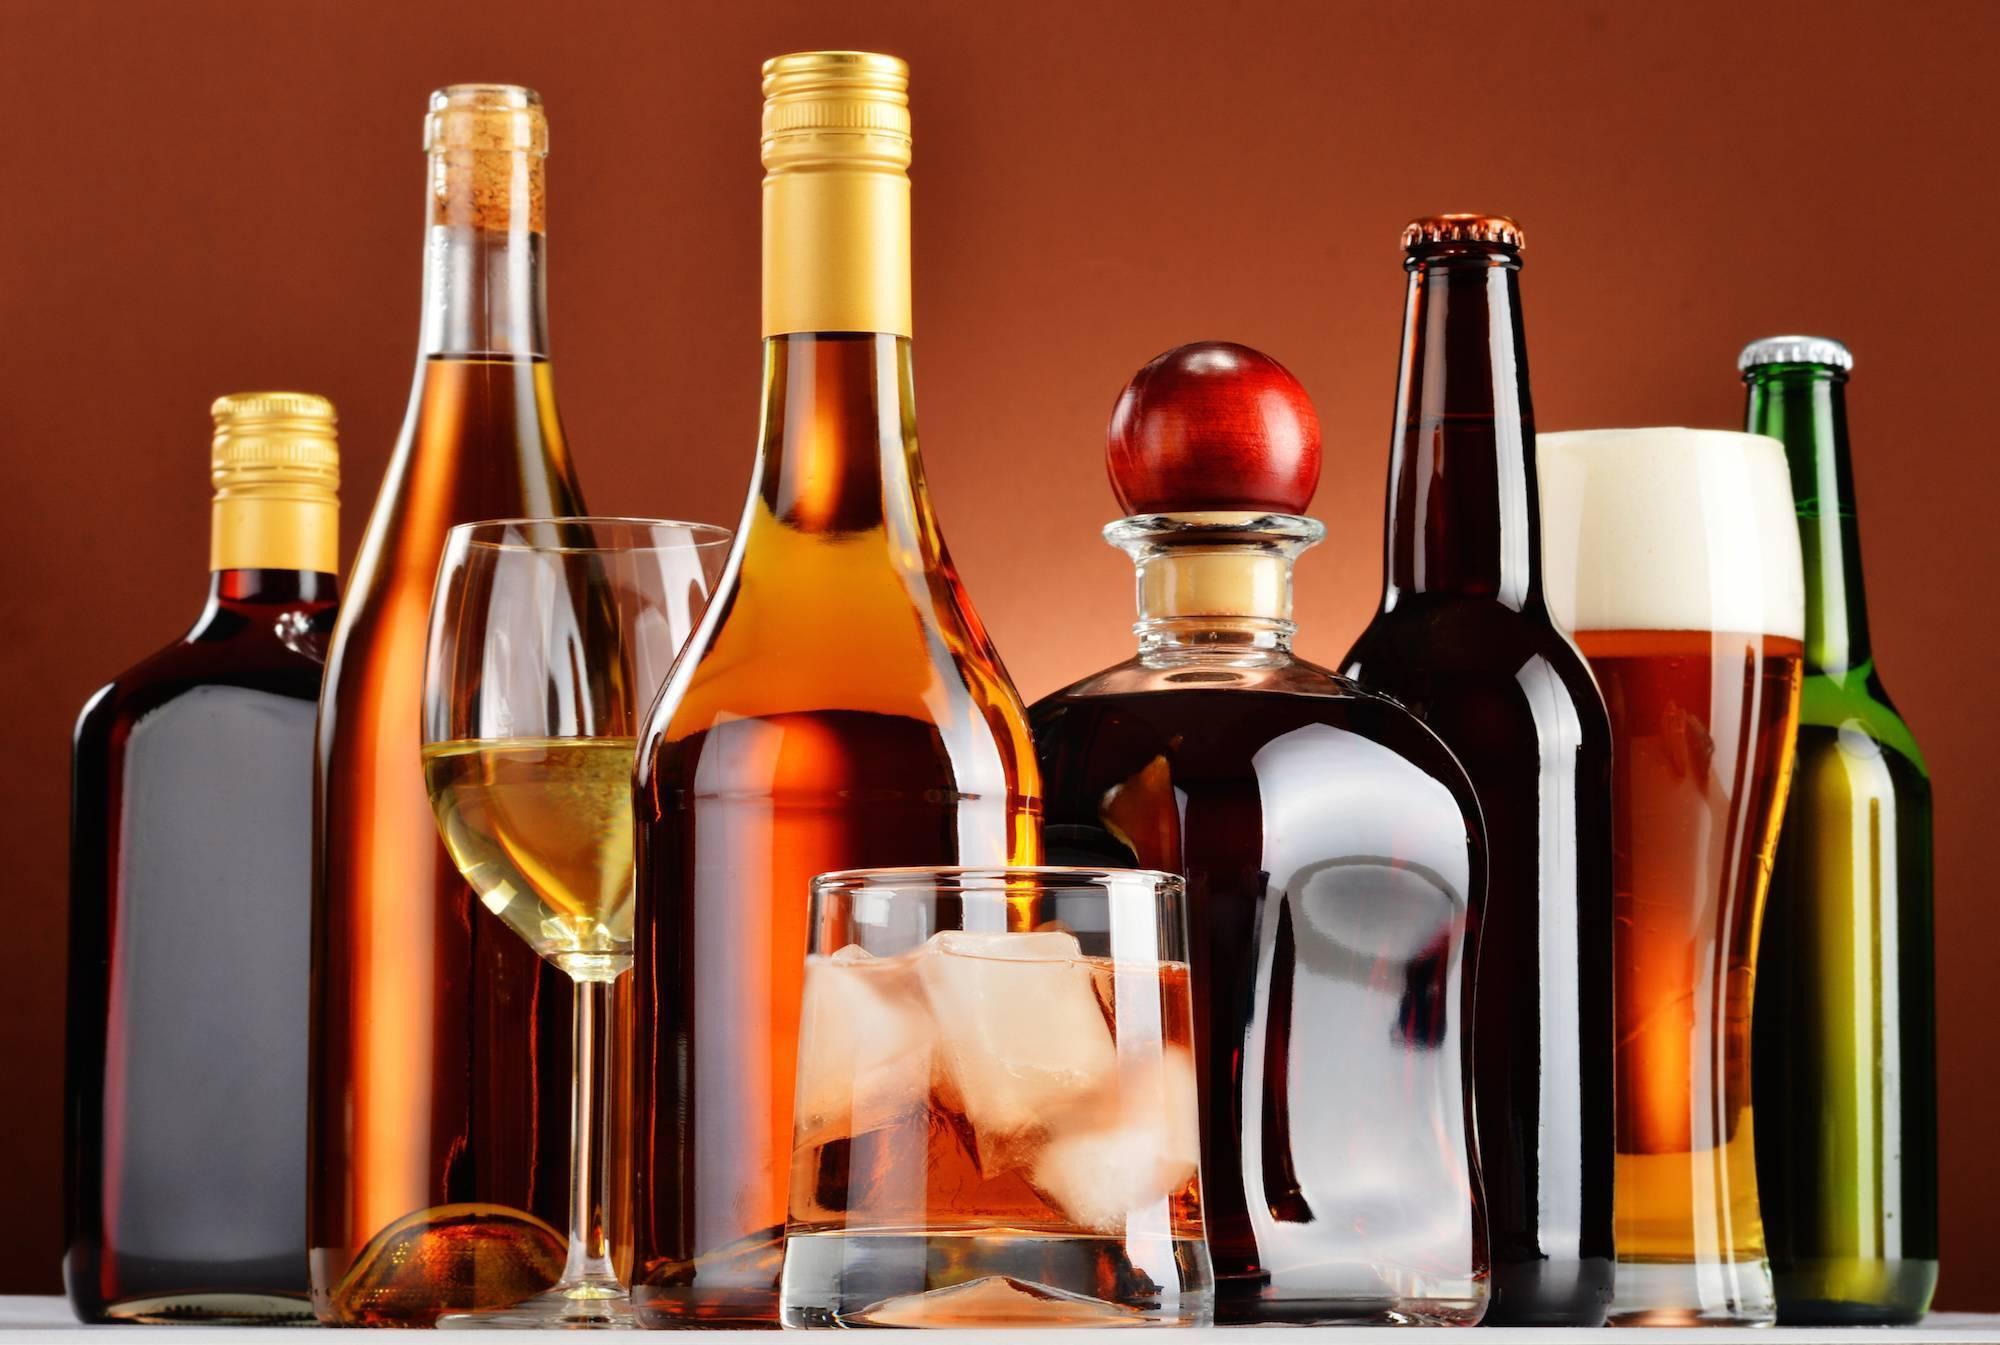 Топ 5 советов чем заменить алкоголь чтобы расслабиться - вся медицина